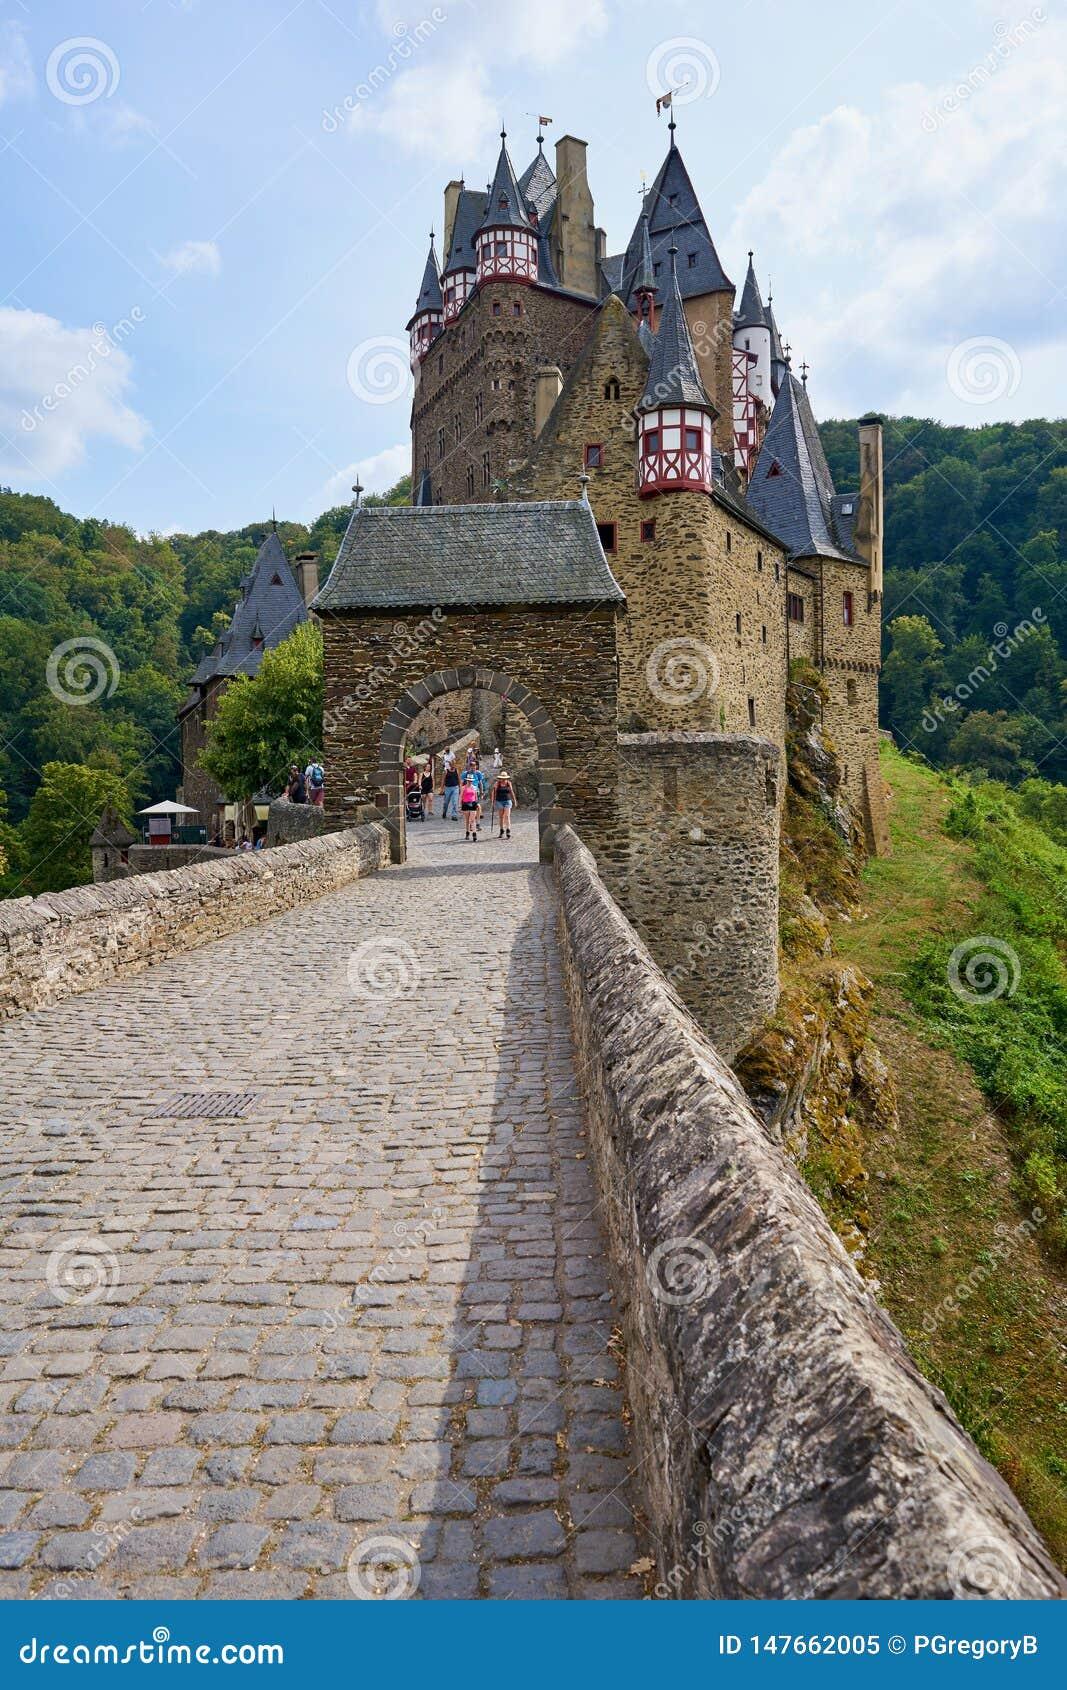 Sprookje Middeleeuws Kasteel Burg Eltz in het Gebied van Moezel van Duitsland